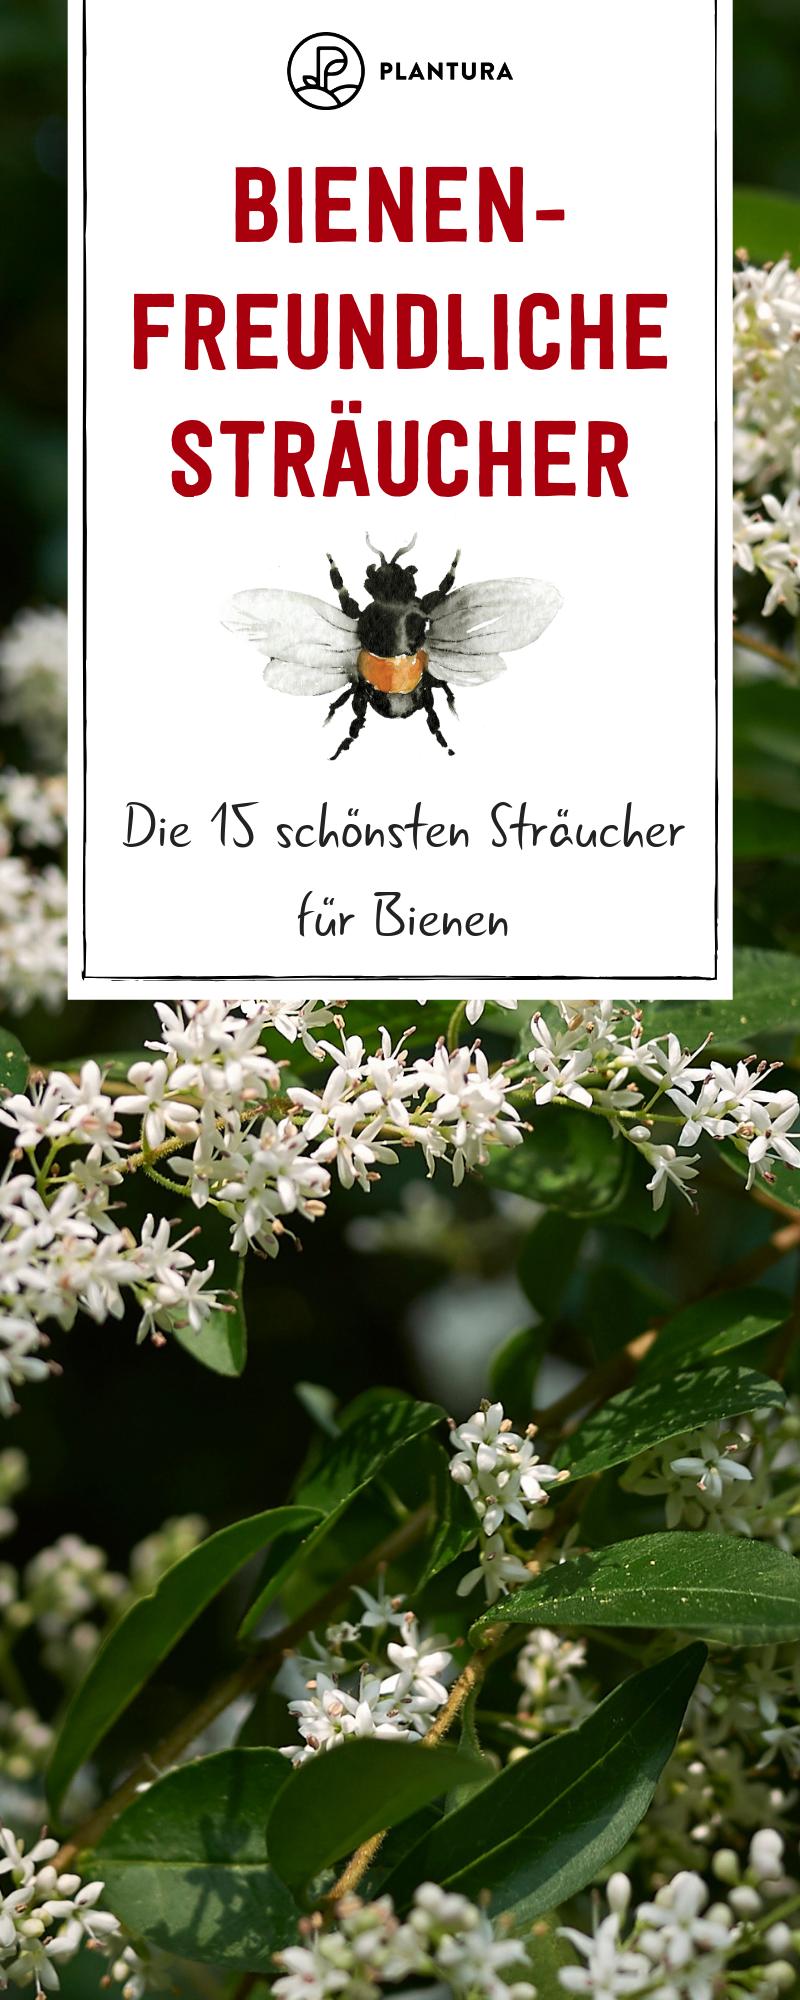 Bienenfreundliche Straucher Top 15 Bienenstraucher In 2020 Greenhouse Gardening Hydroponic Gardening Diy Hydroponic Gardening